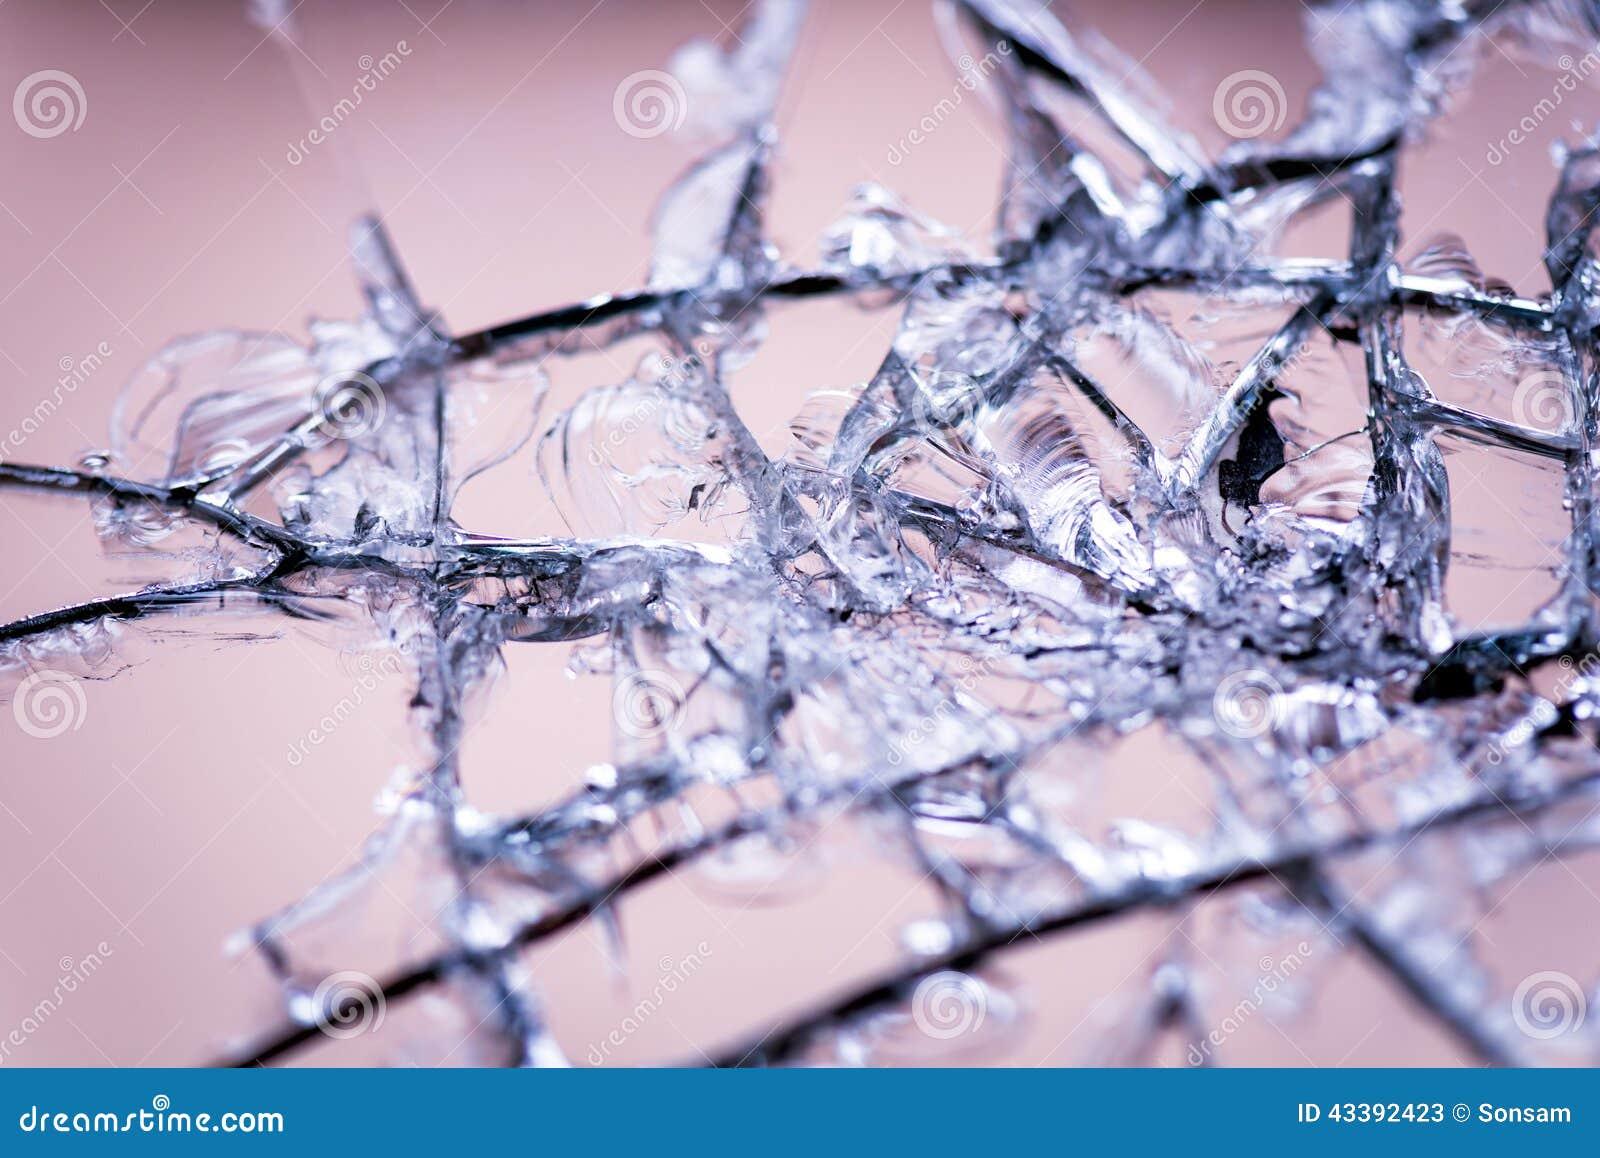 Specchio rotto immagine stock immagine di adversity - Specchio rotto sfortuna ...